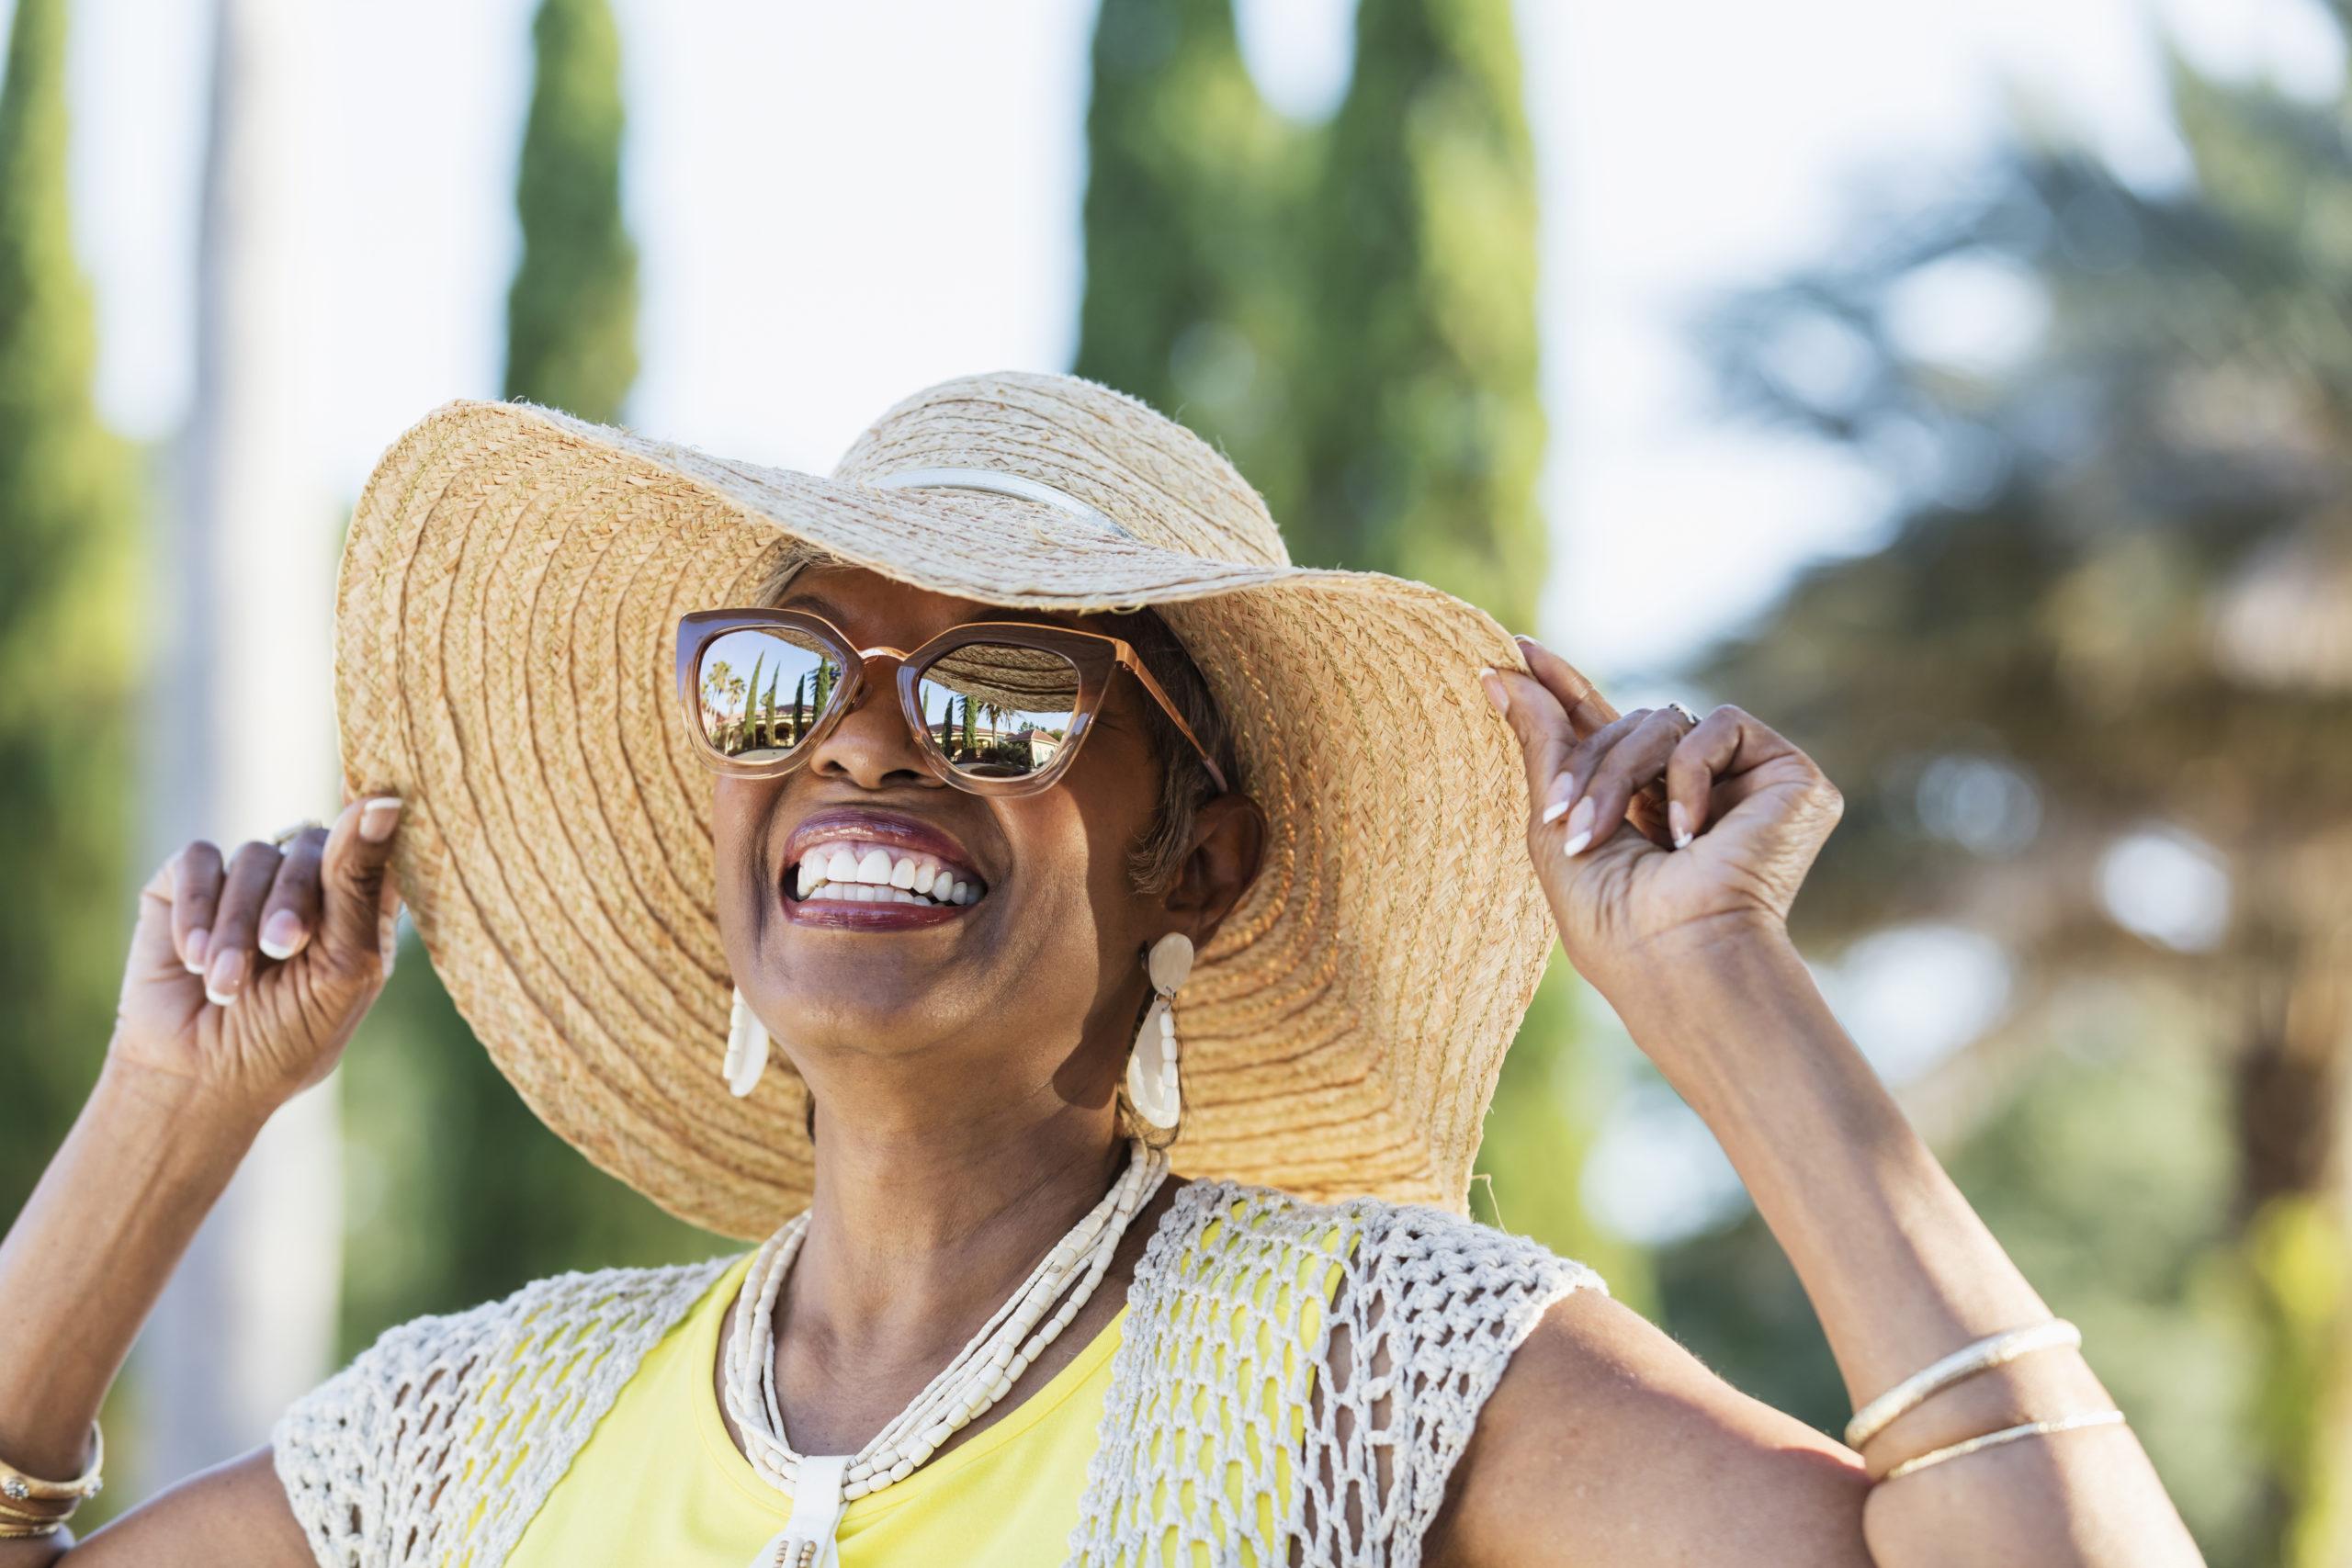 Beautiful Women in a Sun Hat